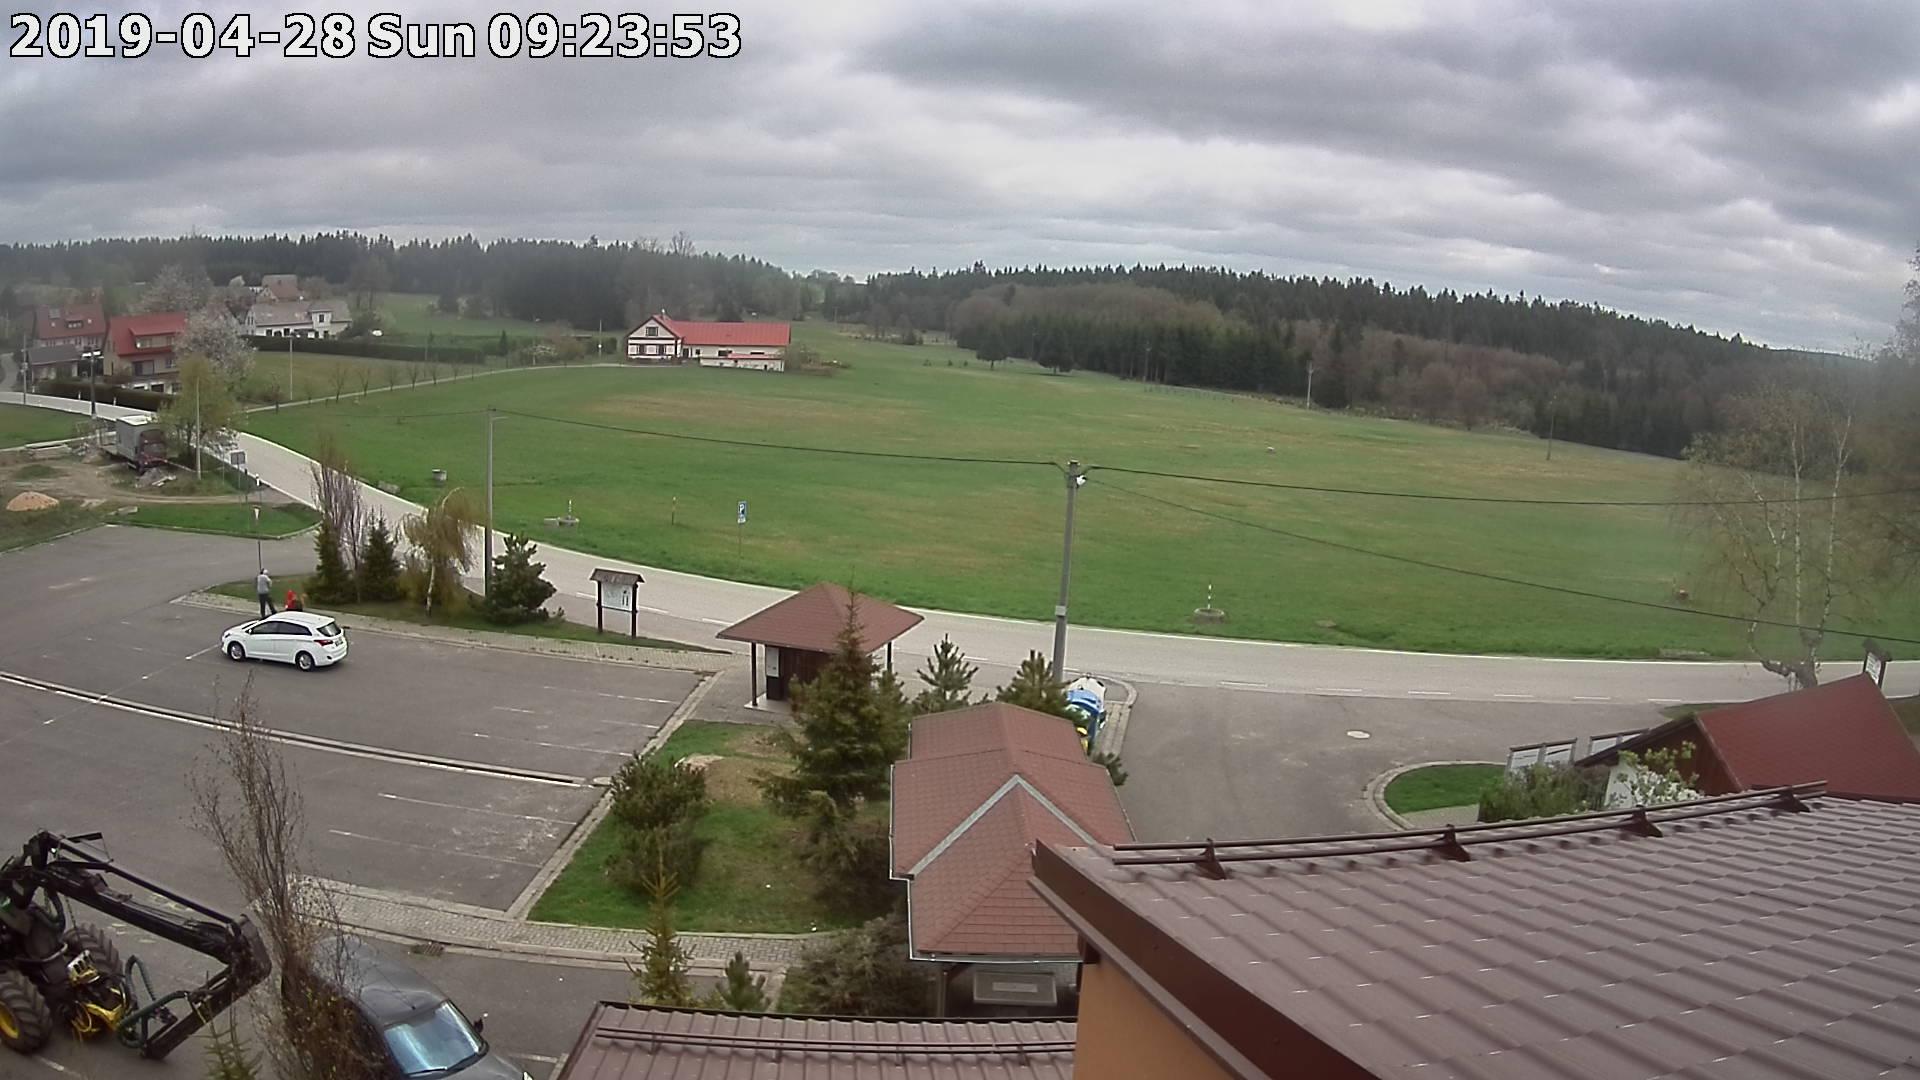 Webkamera ze dne 2019-04-28